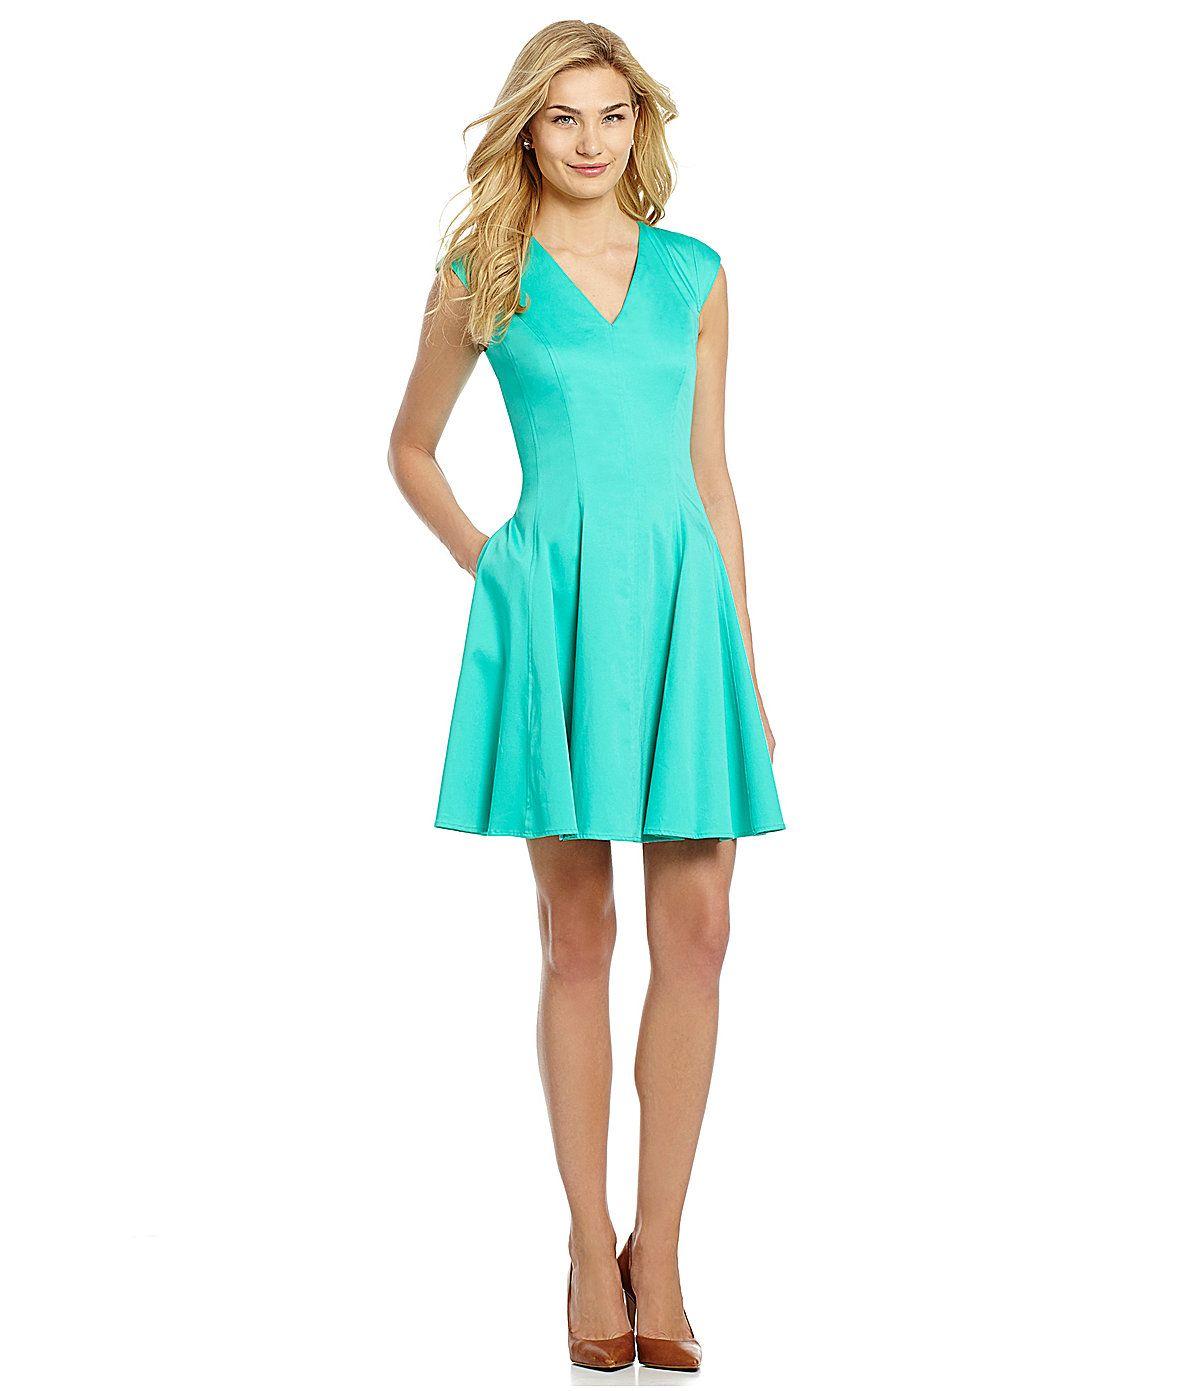 Jessica simpson fitandflare dress size 4 dillards httpwww jessica simpson fitandflare dress size 4 dillards httpdillards ombrellifo Gallery